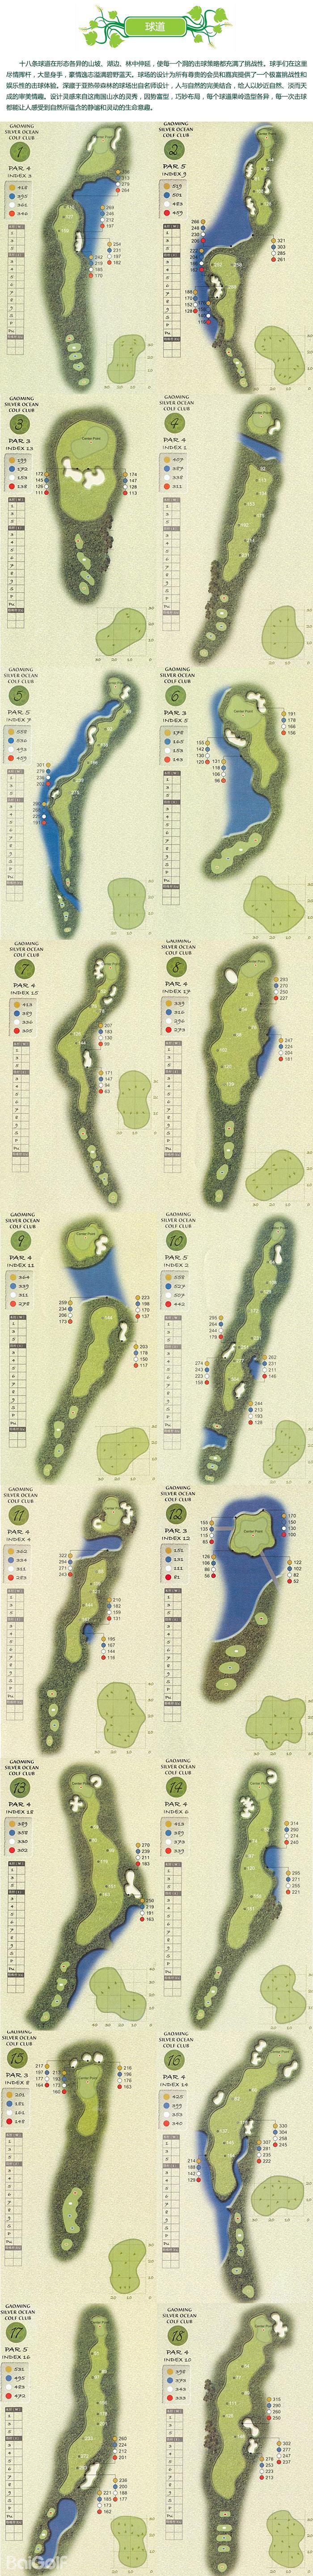 高明银海高尔夫球道图